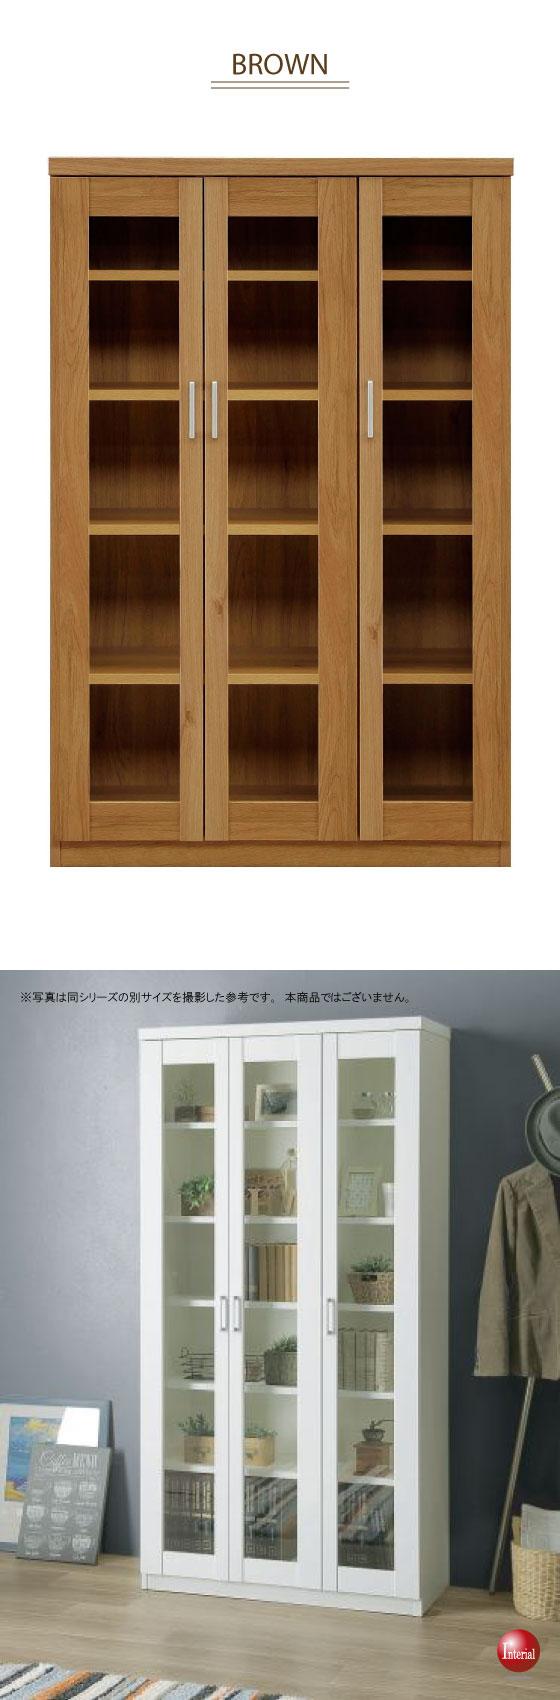 幅90cm×高さ140cm・UVカットガラス製ブックシェルフ(日本製・完成品)開梱設置サービス付き